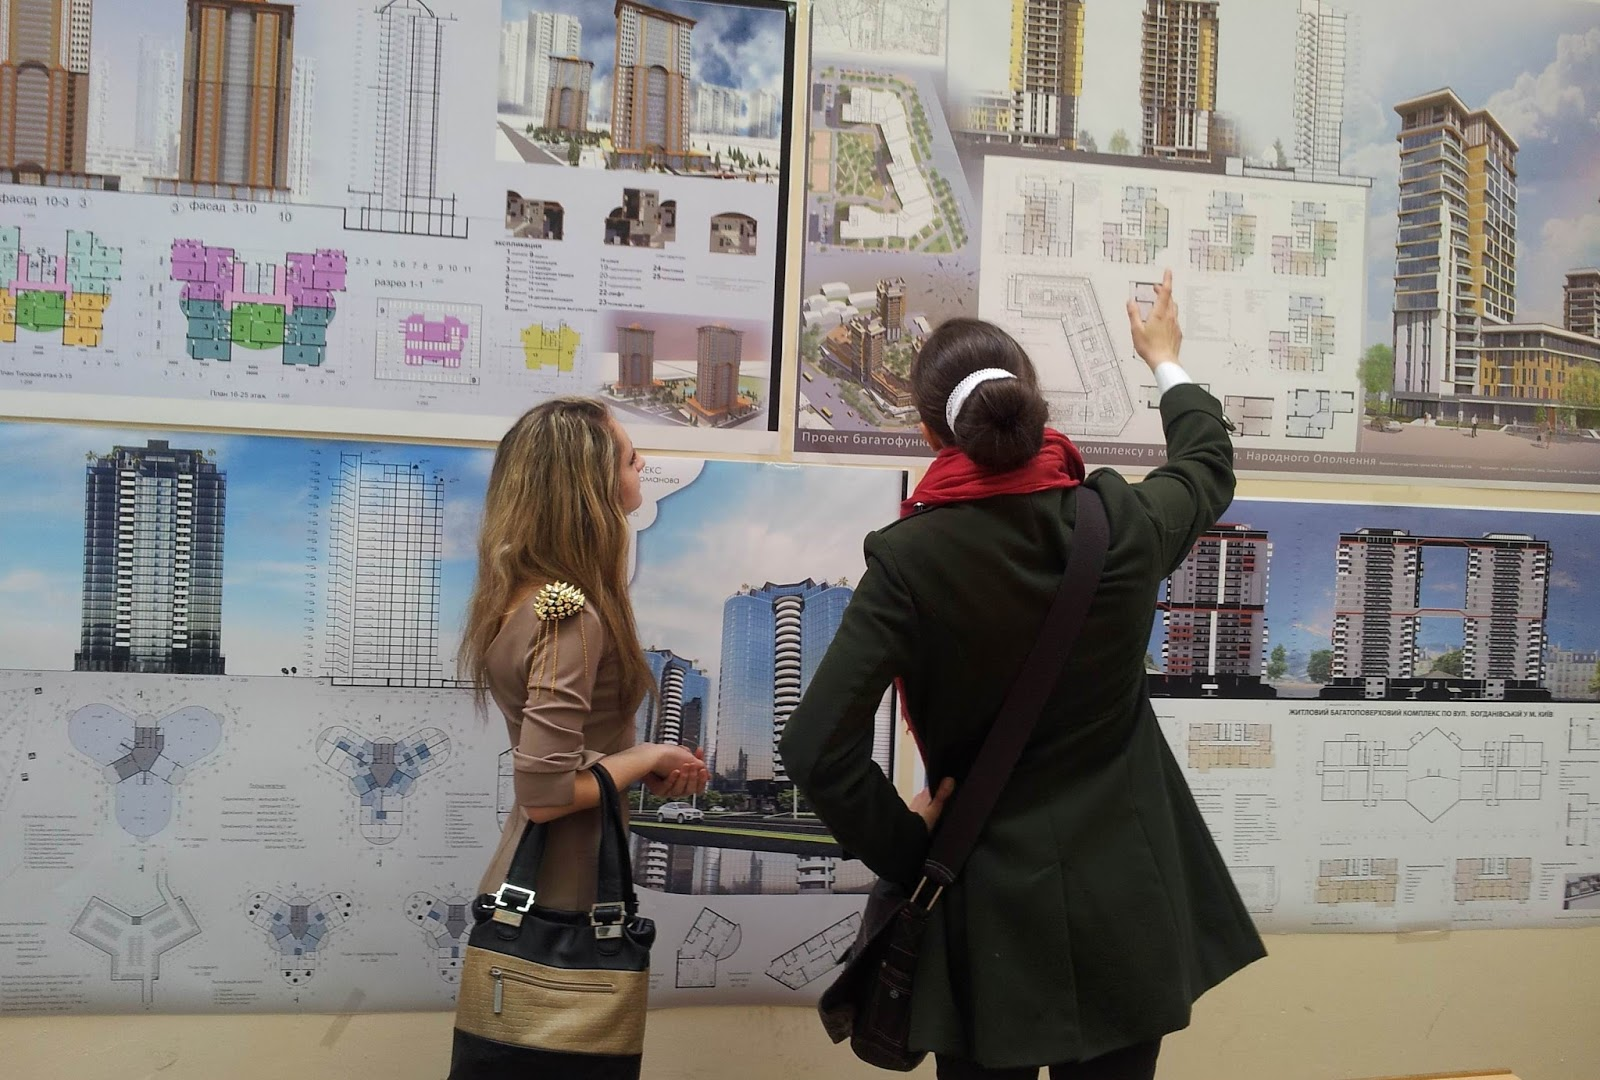 кафедра основ архитектуры и архитектурного проектирования  дипломное проектирование Выполнение дипломного проекта гарантия успешного старта будущего специалиста архитектора в профессиональной деятельности